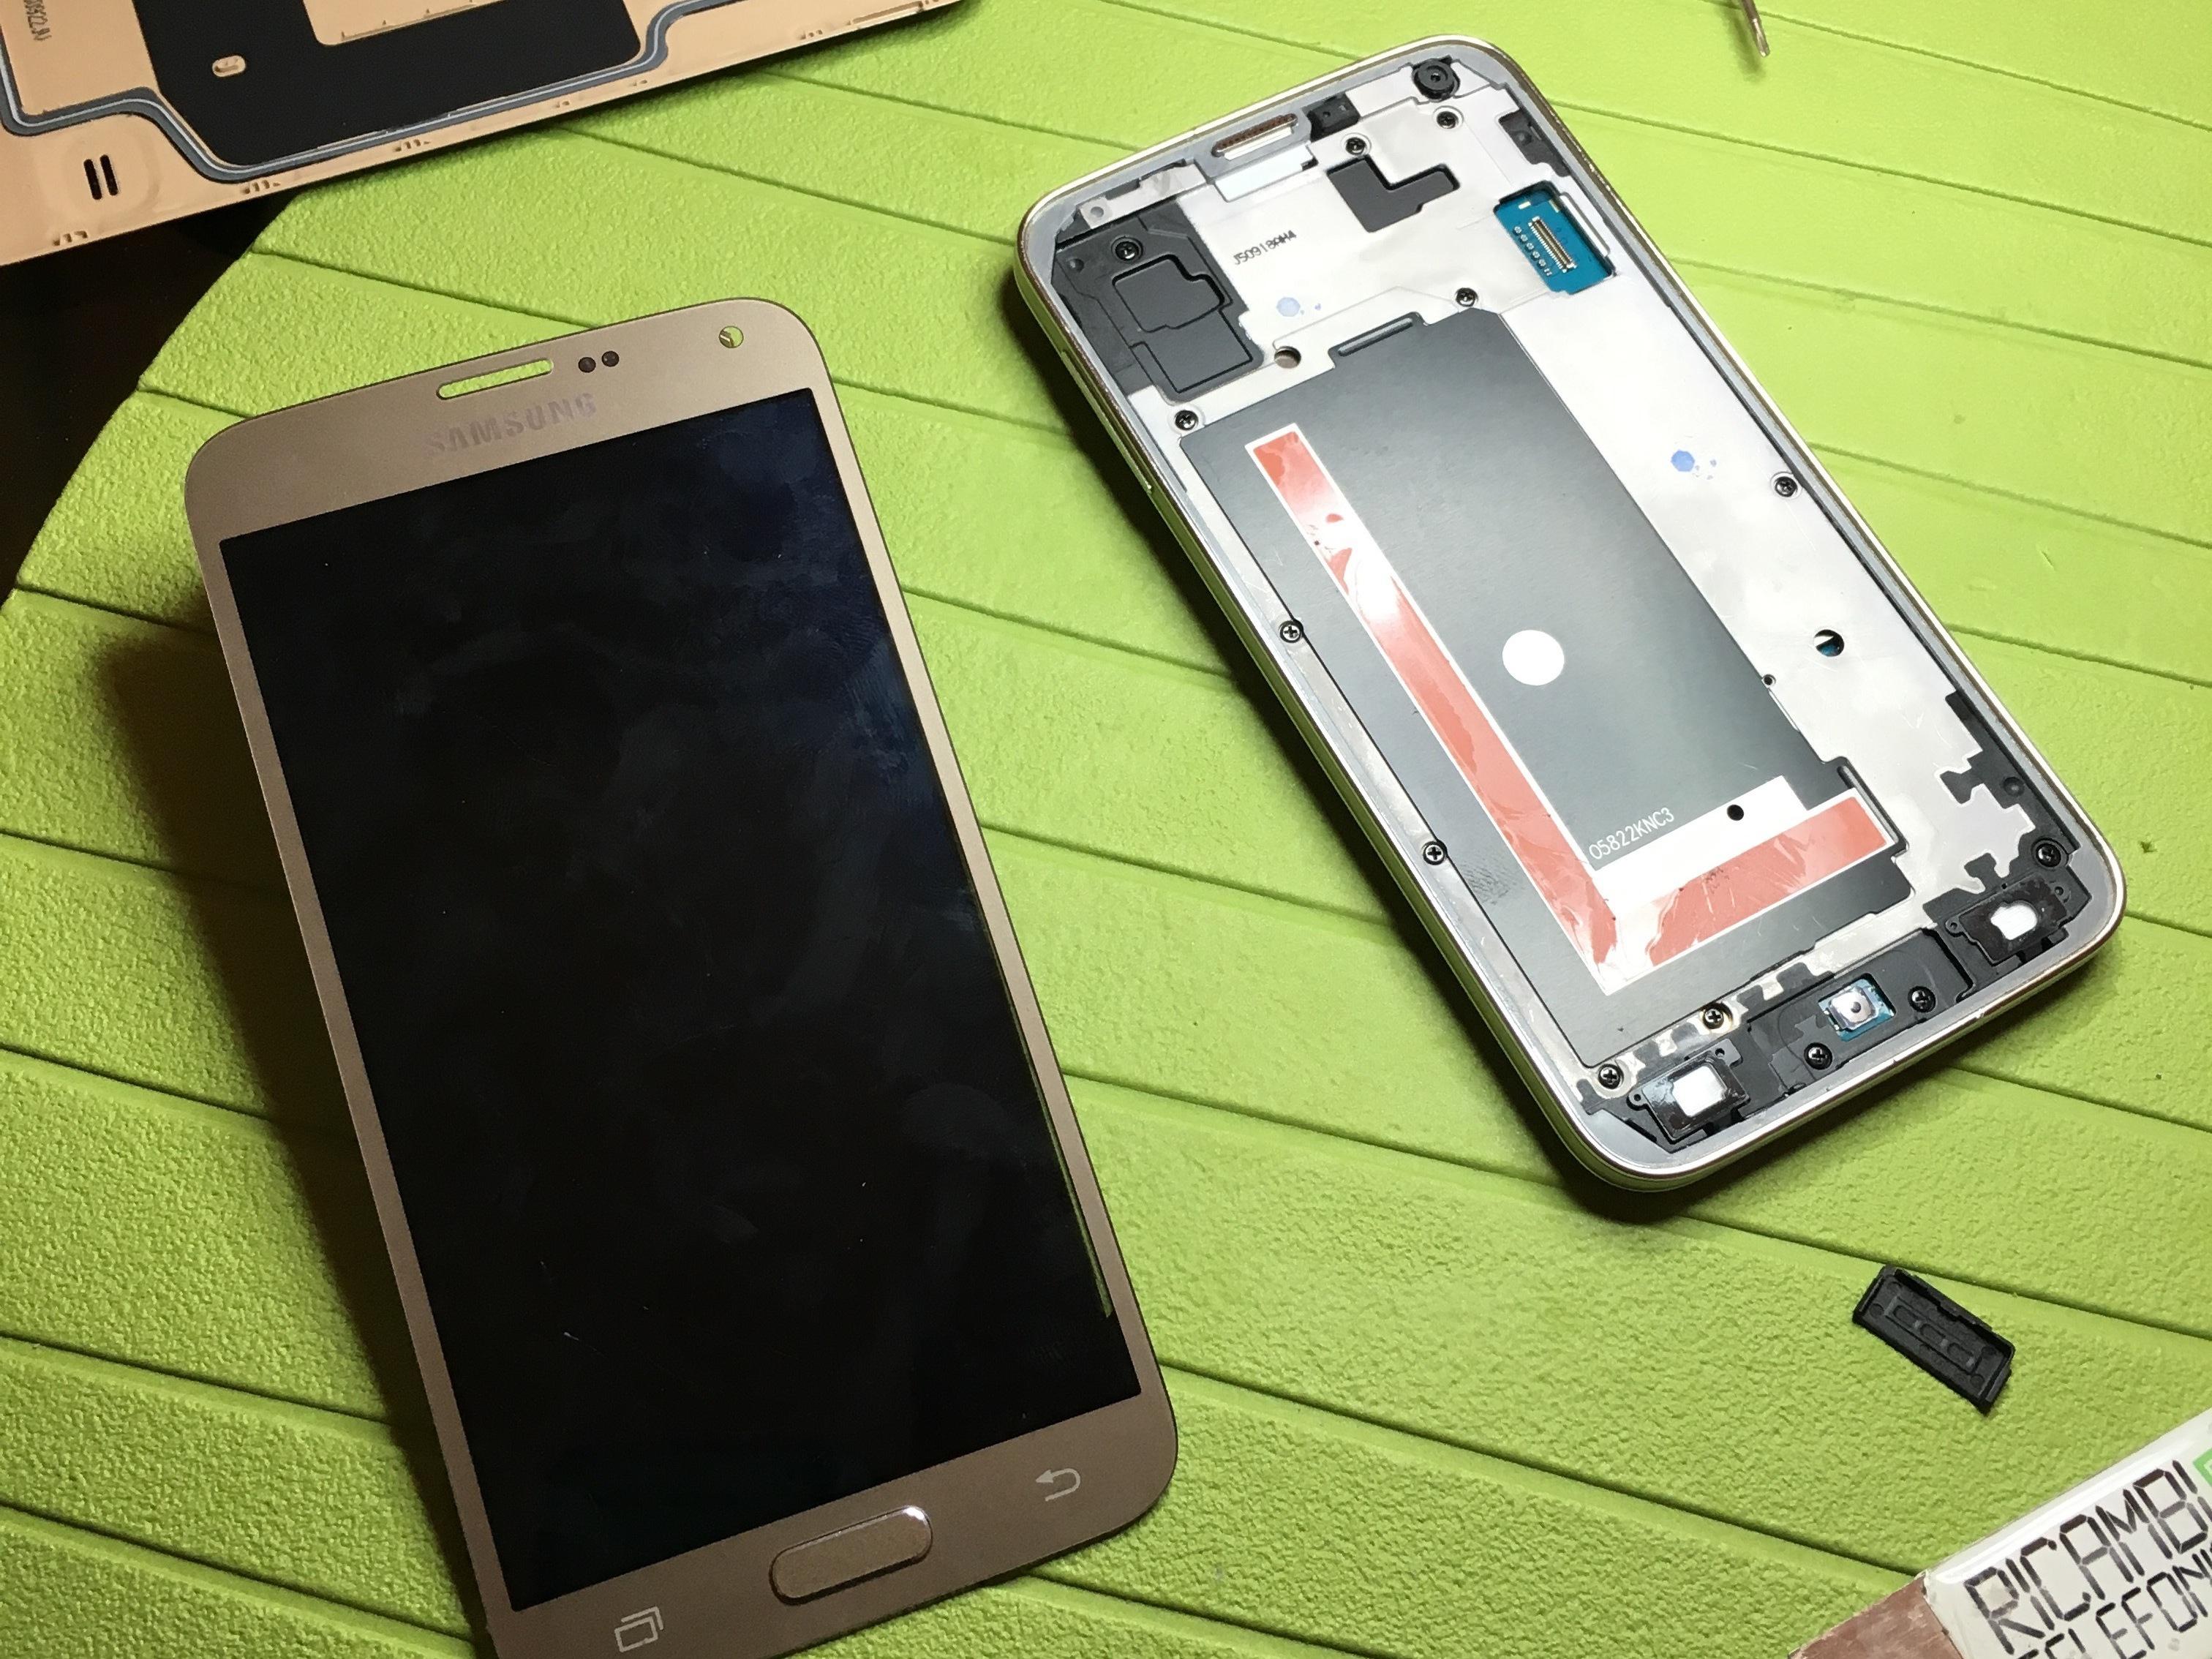 تاچ و ال سی دی Galaxy S5 Neo را از بدنه گوشی جدا نمایید.